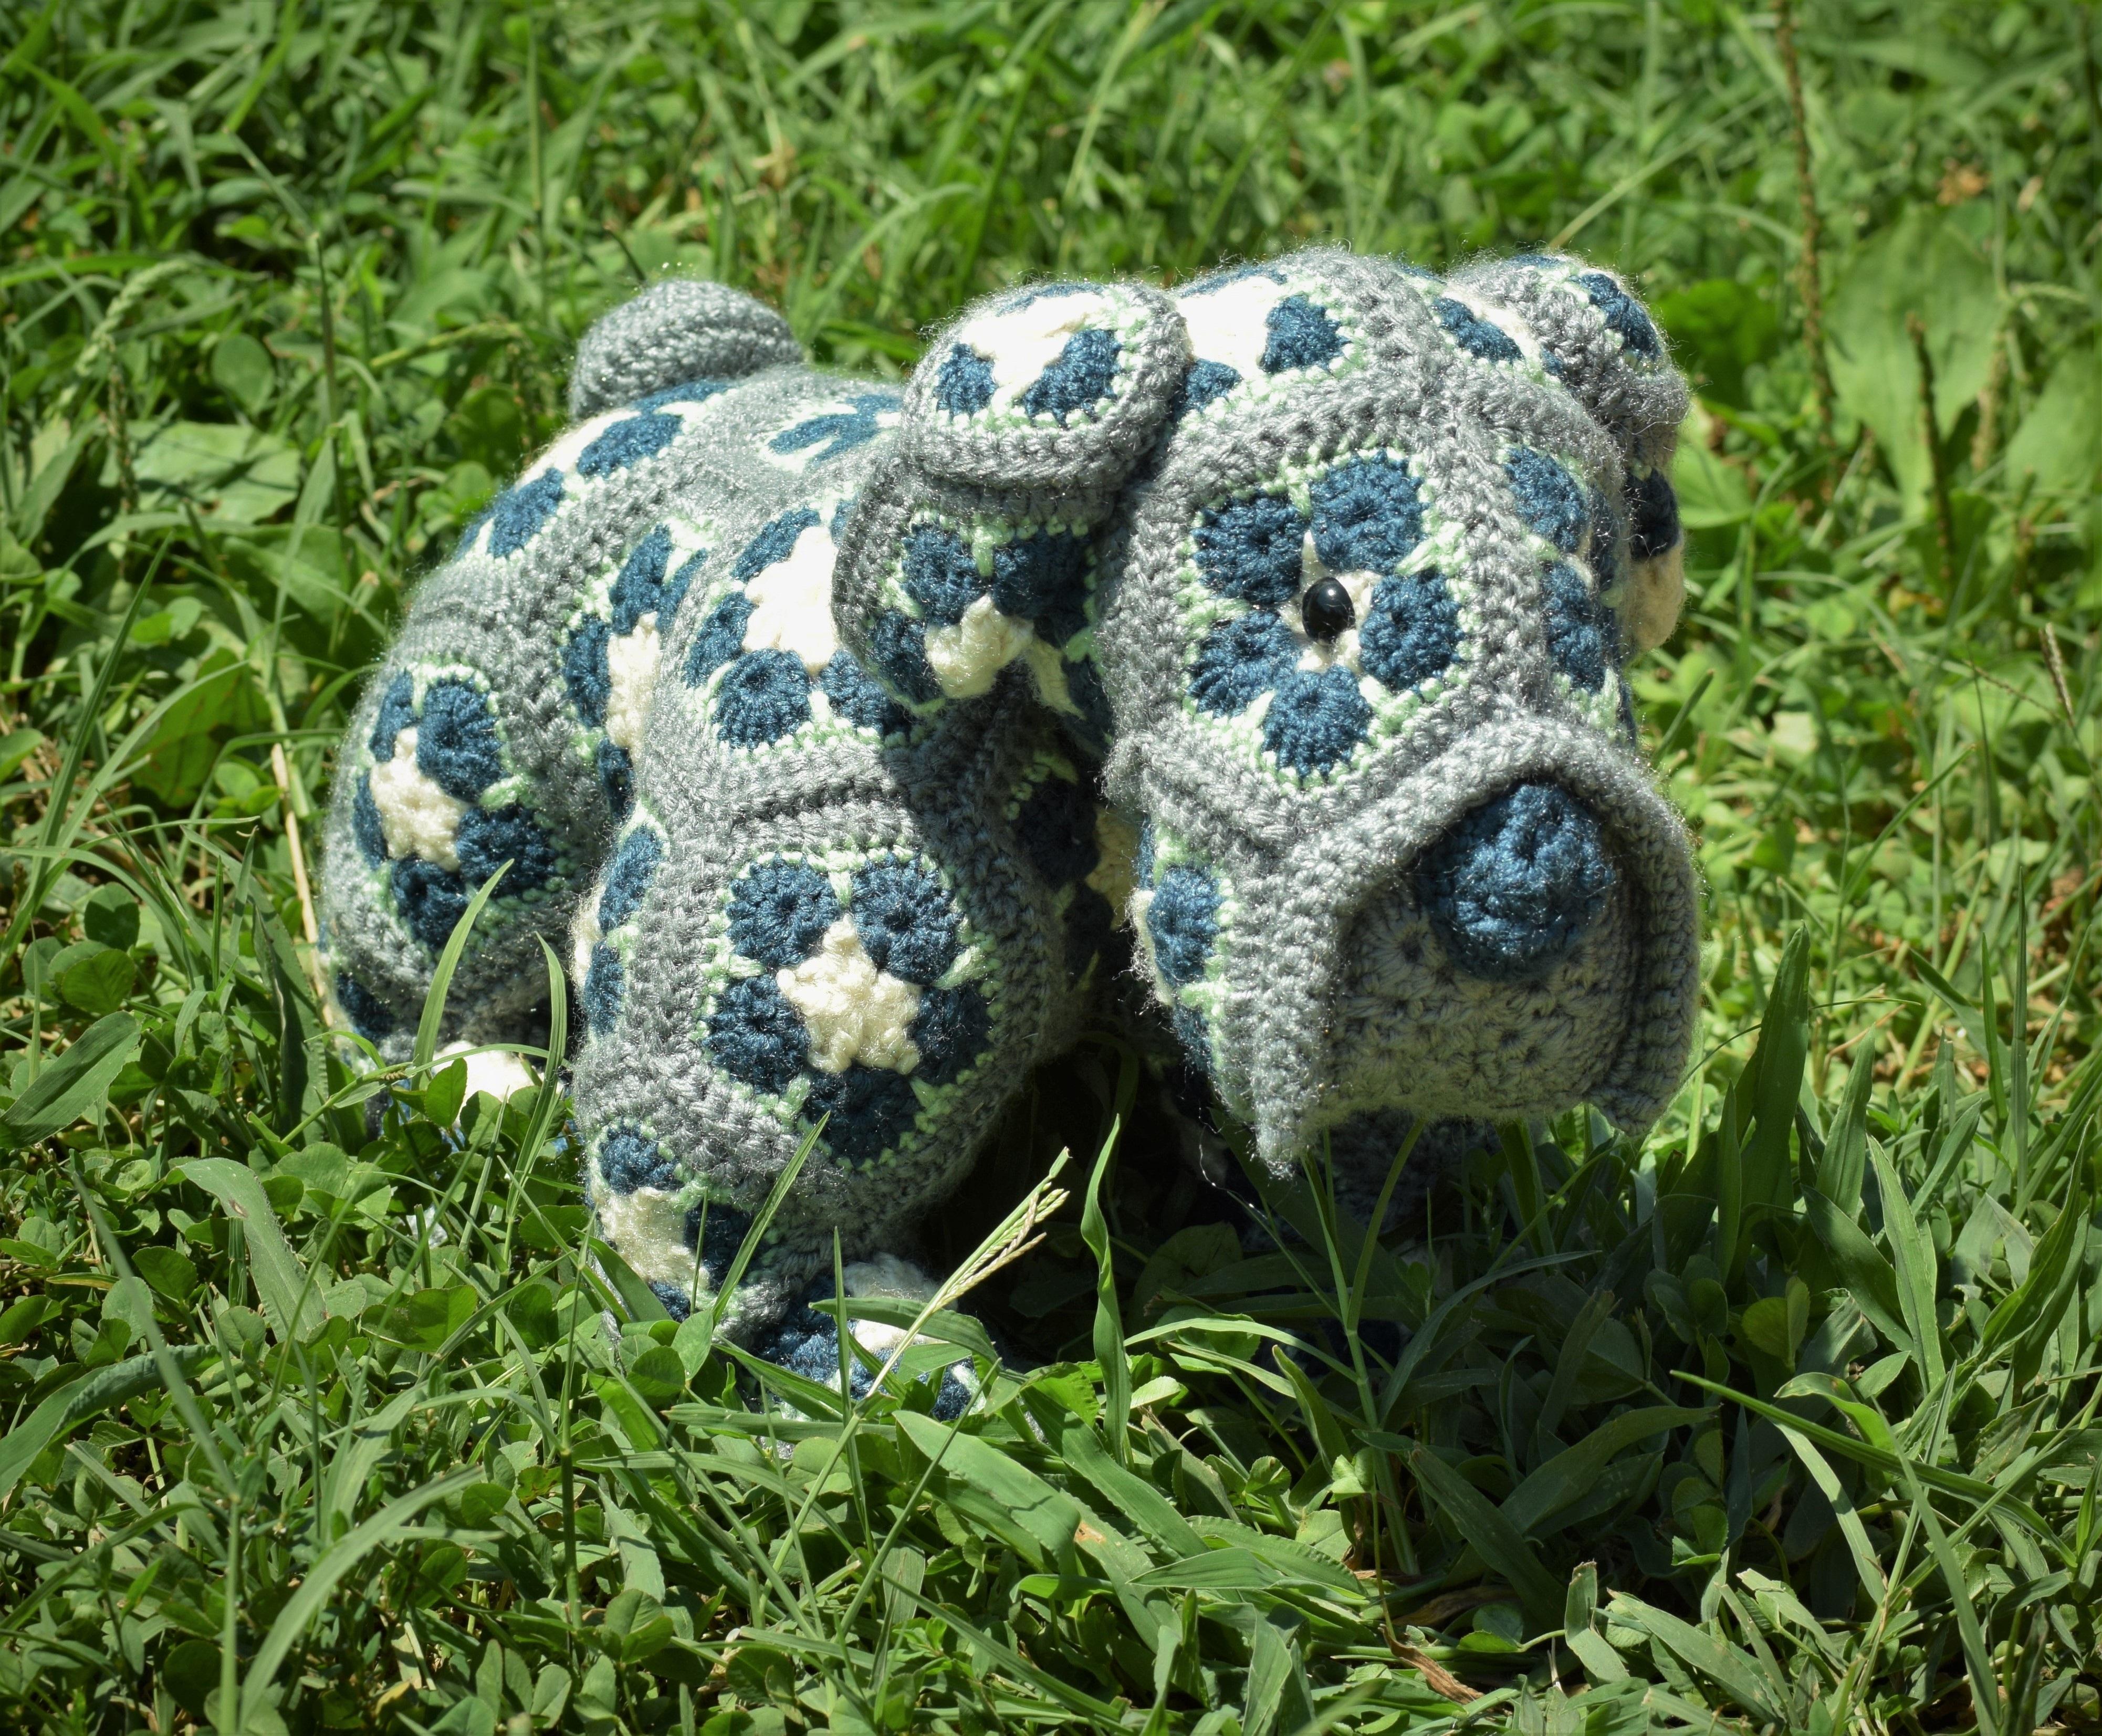 Kostenlose foto : Gras, Rasen, Tierwelt, Muster, Schildkröte, Kunst ...